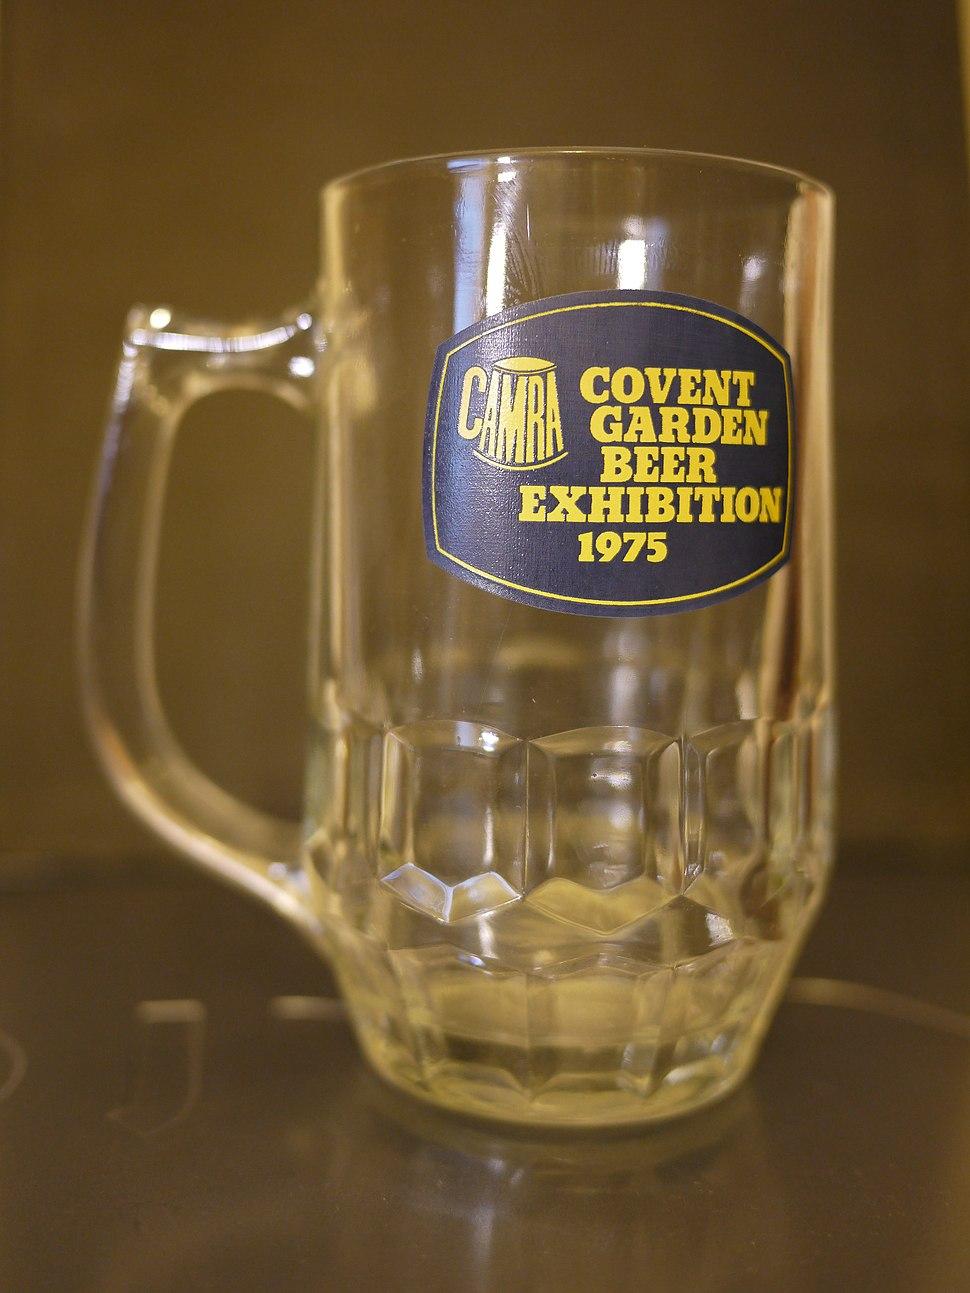 CAMRA Covent Garden Beer Exhibition 1975 half-pint glass